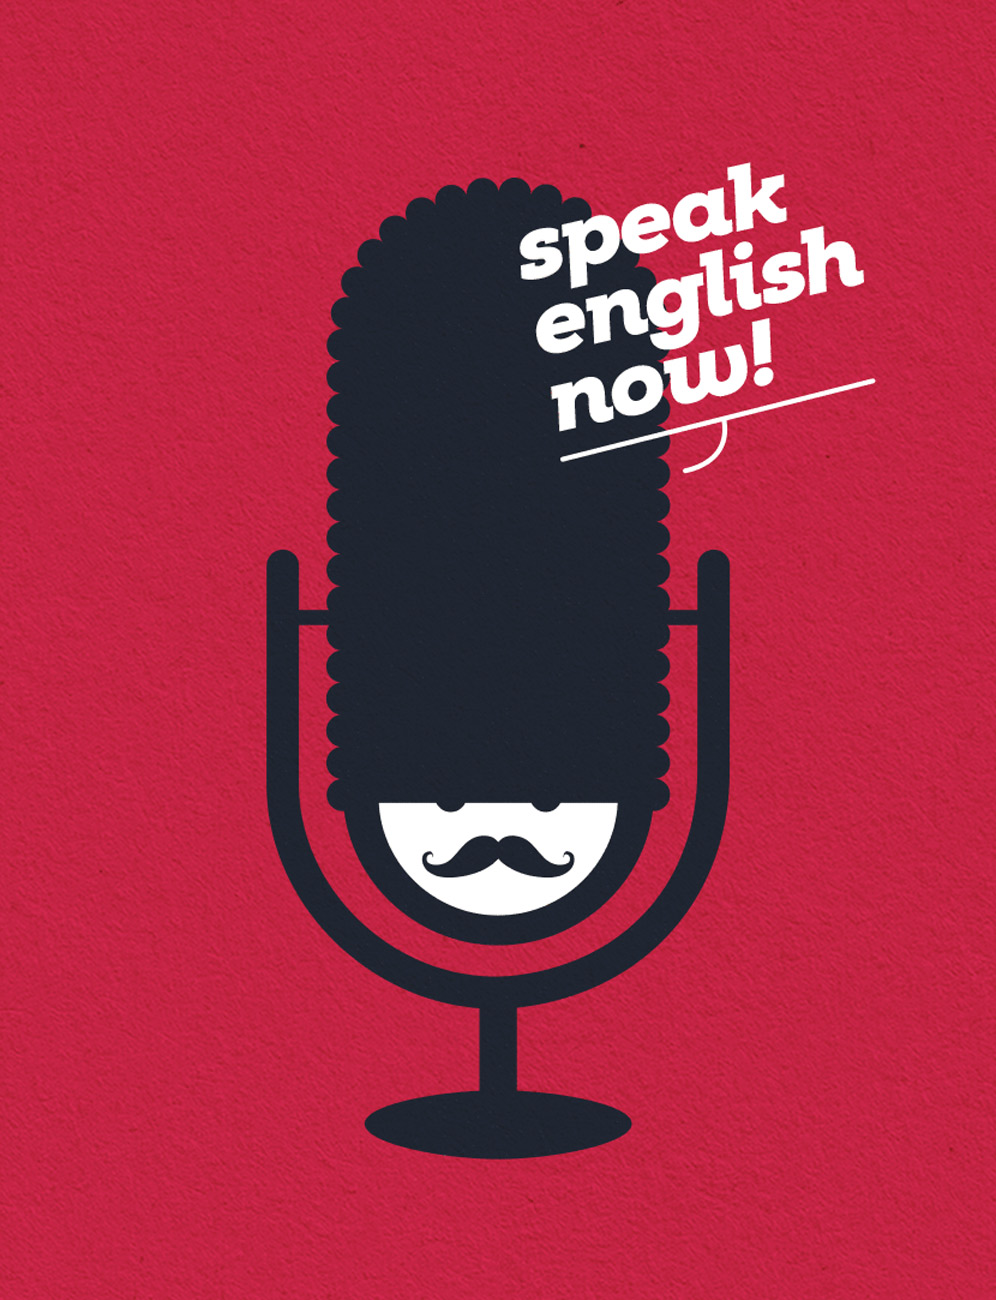 Illustrazione per la brand identity scuola di inglese Speak School Molfetta